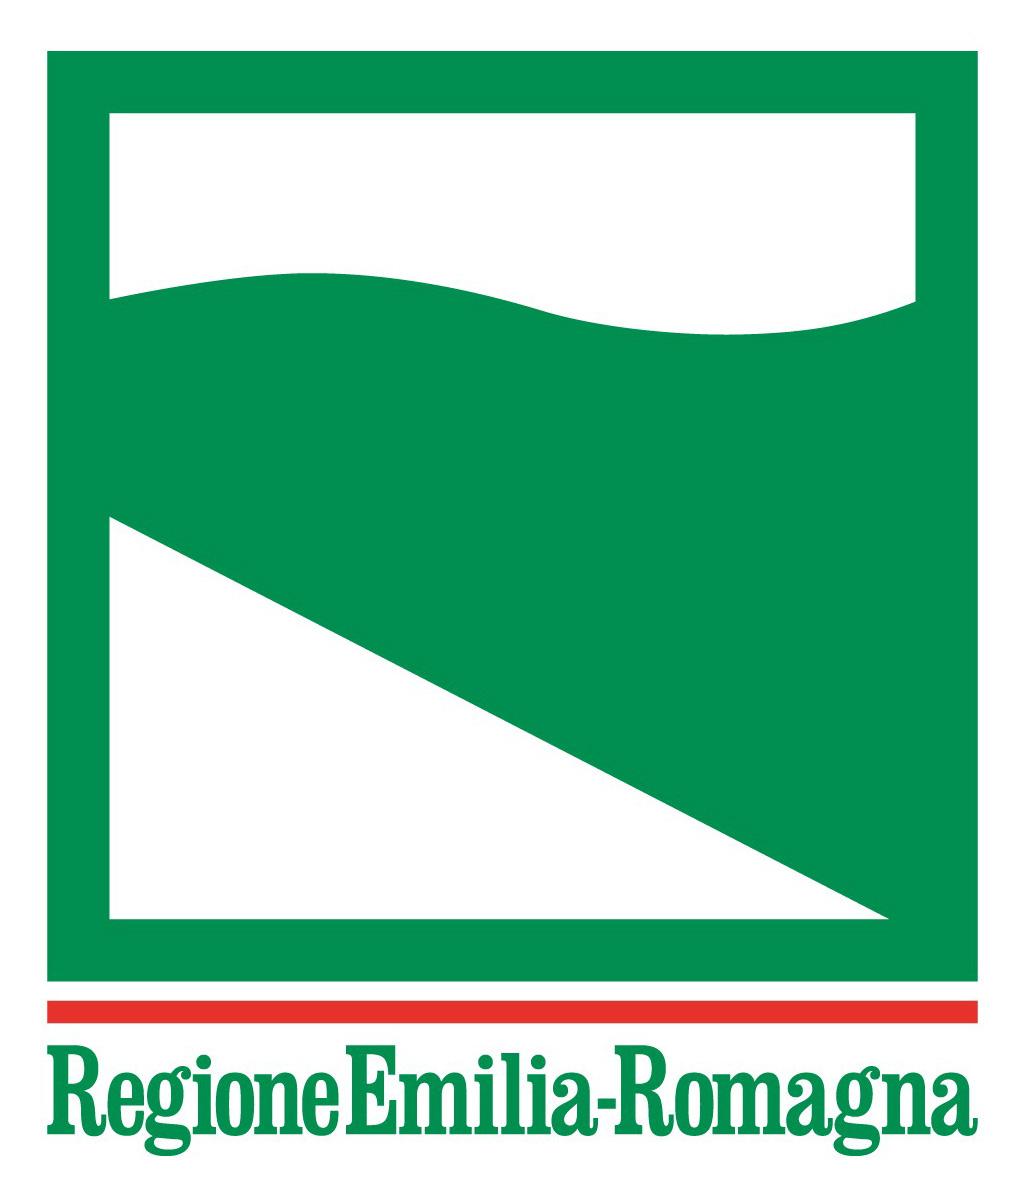 regione_emilia_romagna